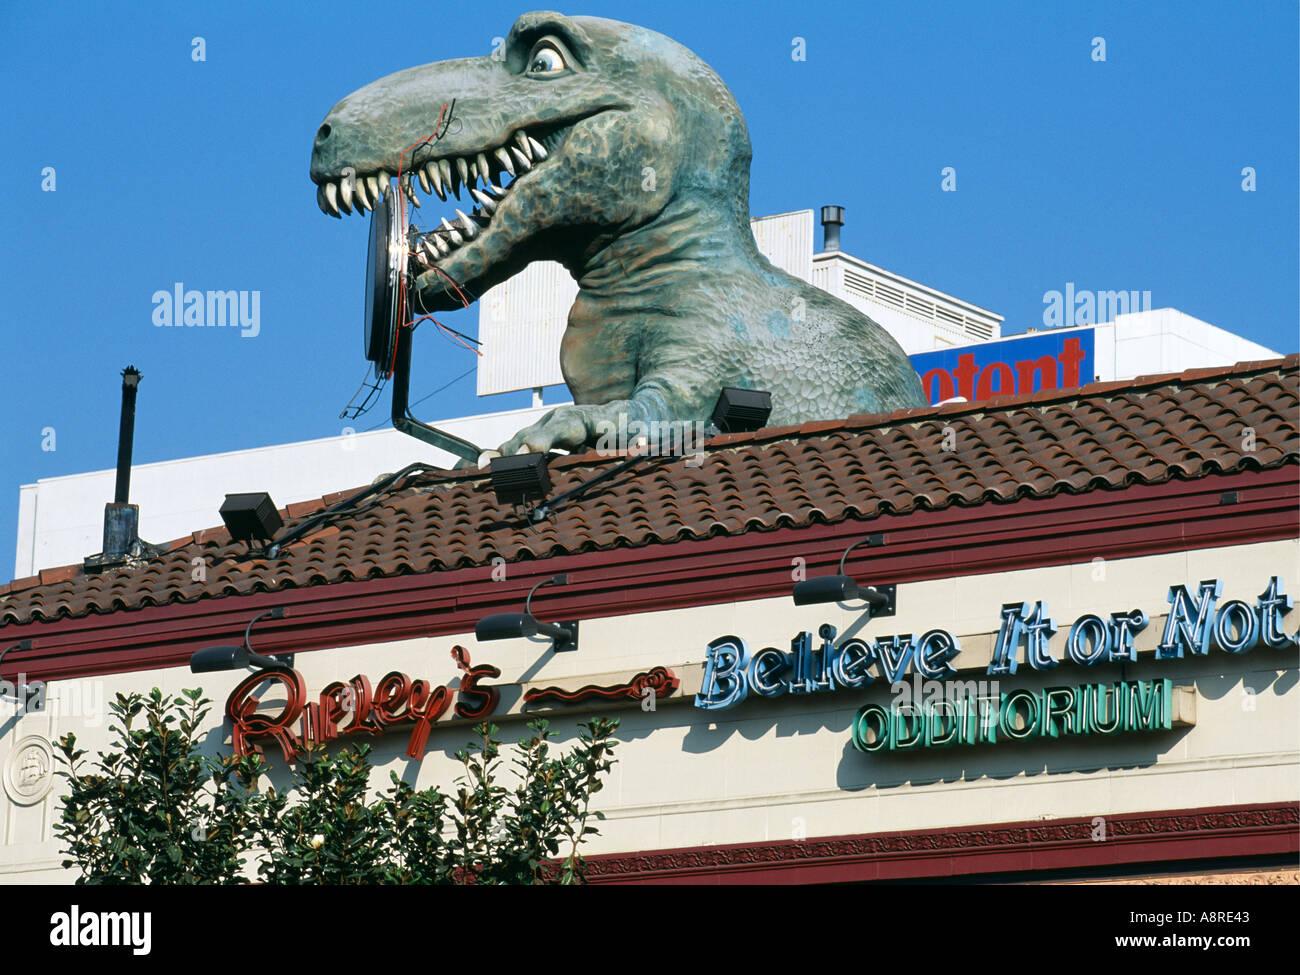 Entrée de Ripley s croyez-le ou non avec d'énormes sur le toit de dinosaures sur Hollywood Boulevard Los Angeles California USA Photo Stock